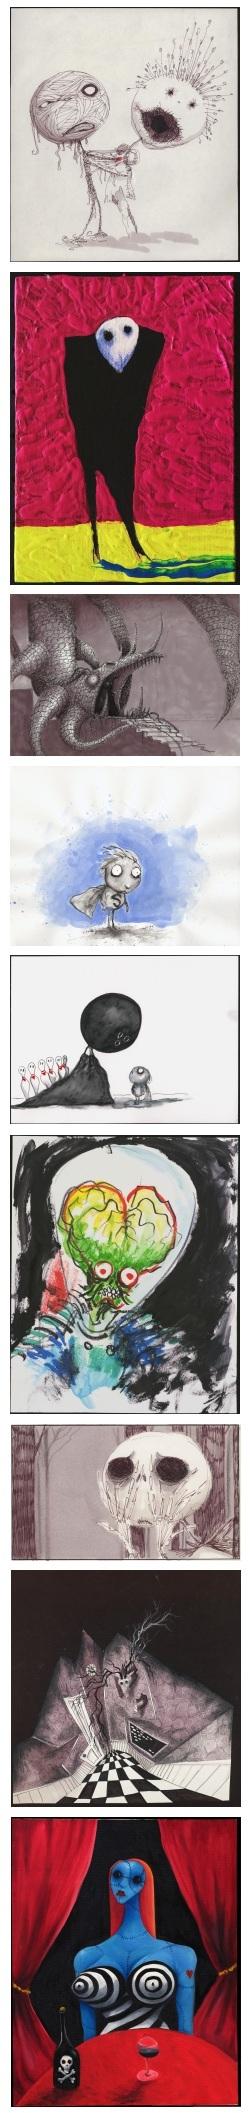 tim burton, the melancholy death of oyster-boy and other stories, la triste fin du garçon-huître et autres histoires, the art of tim burton, faber and faber, derek frey, leah gallo, holly C. Kempf